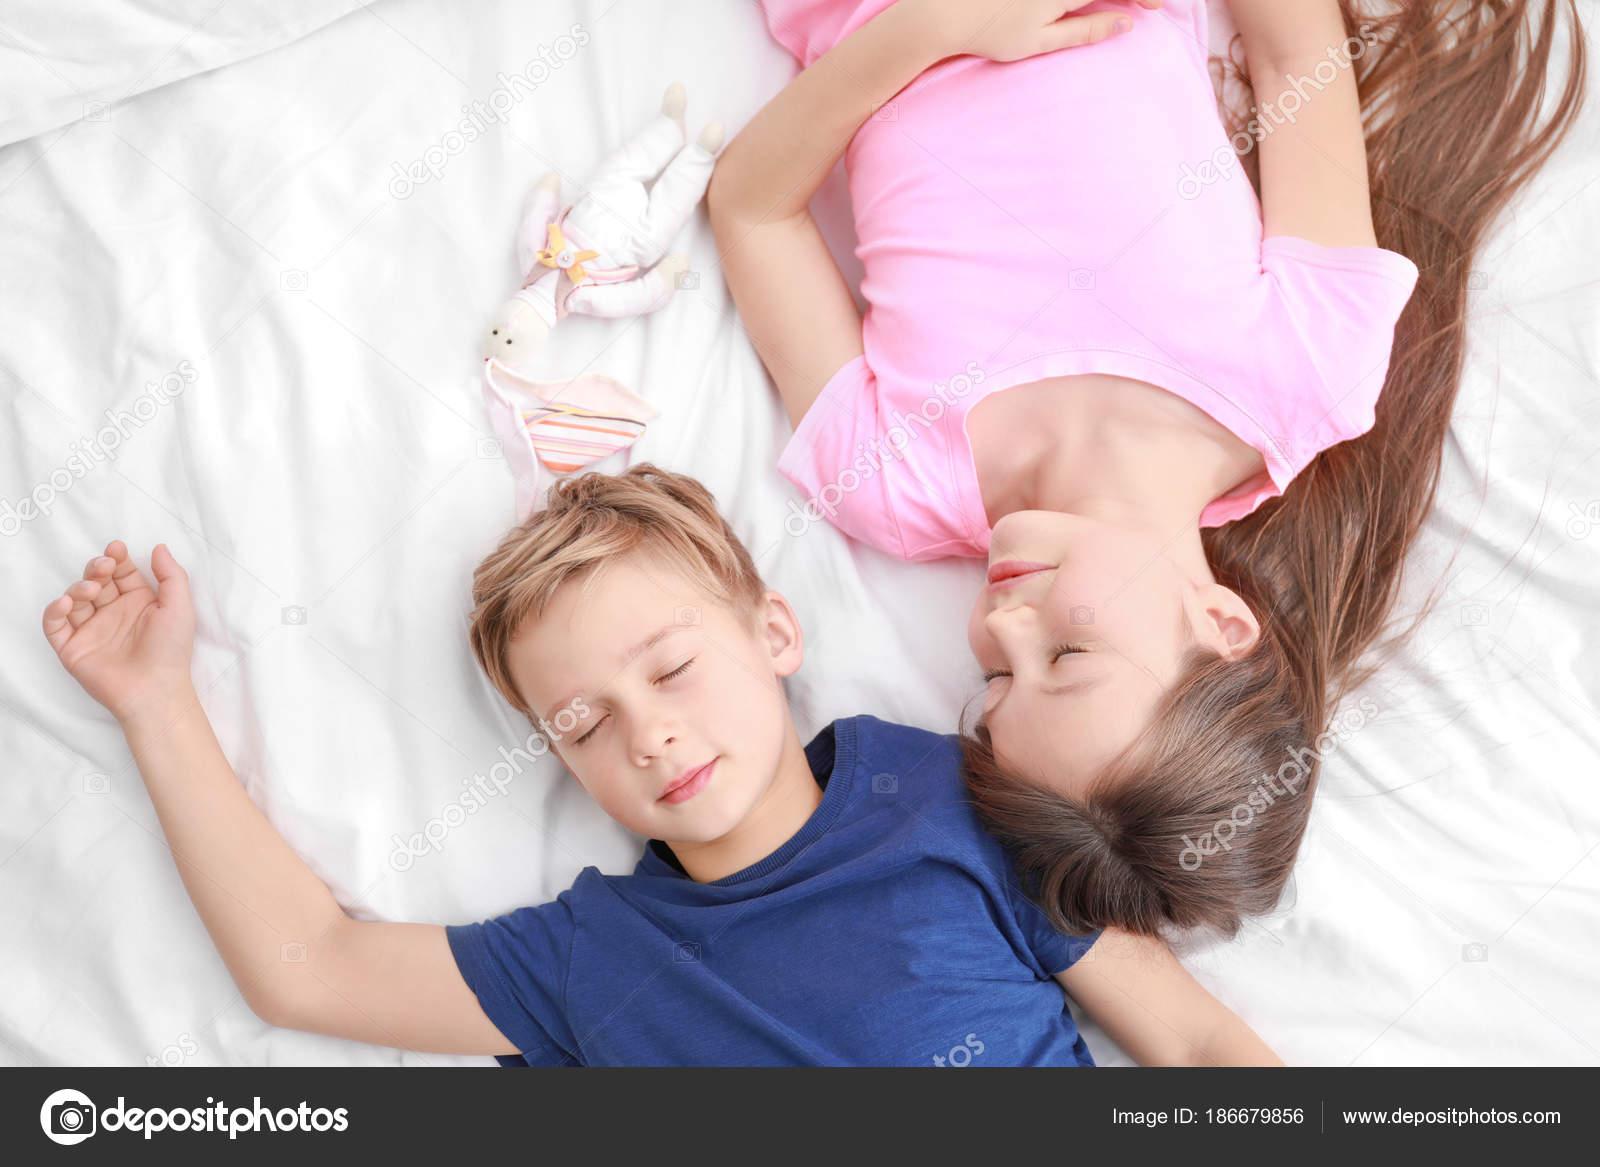 Брат трахнул спящую сестру видео